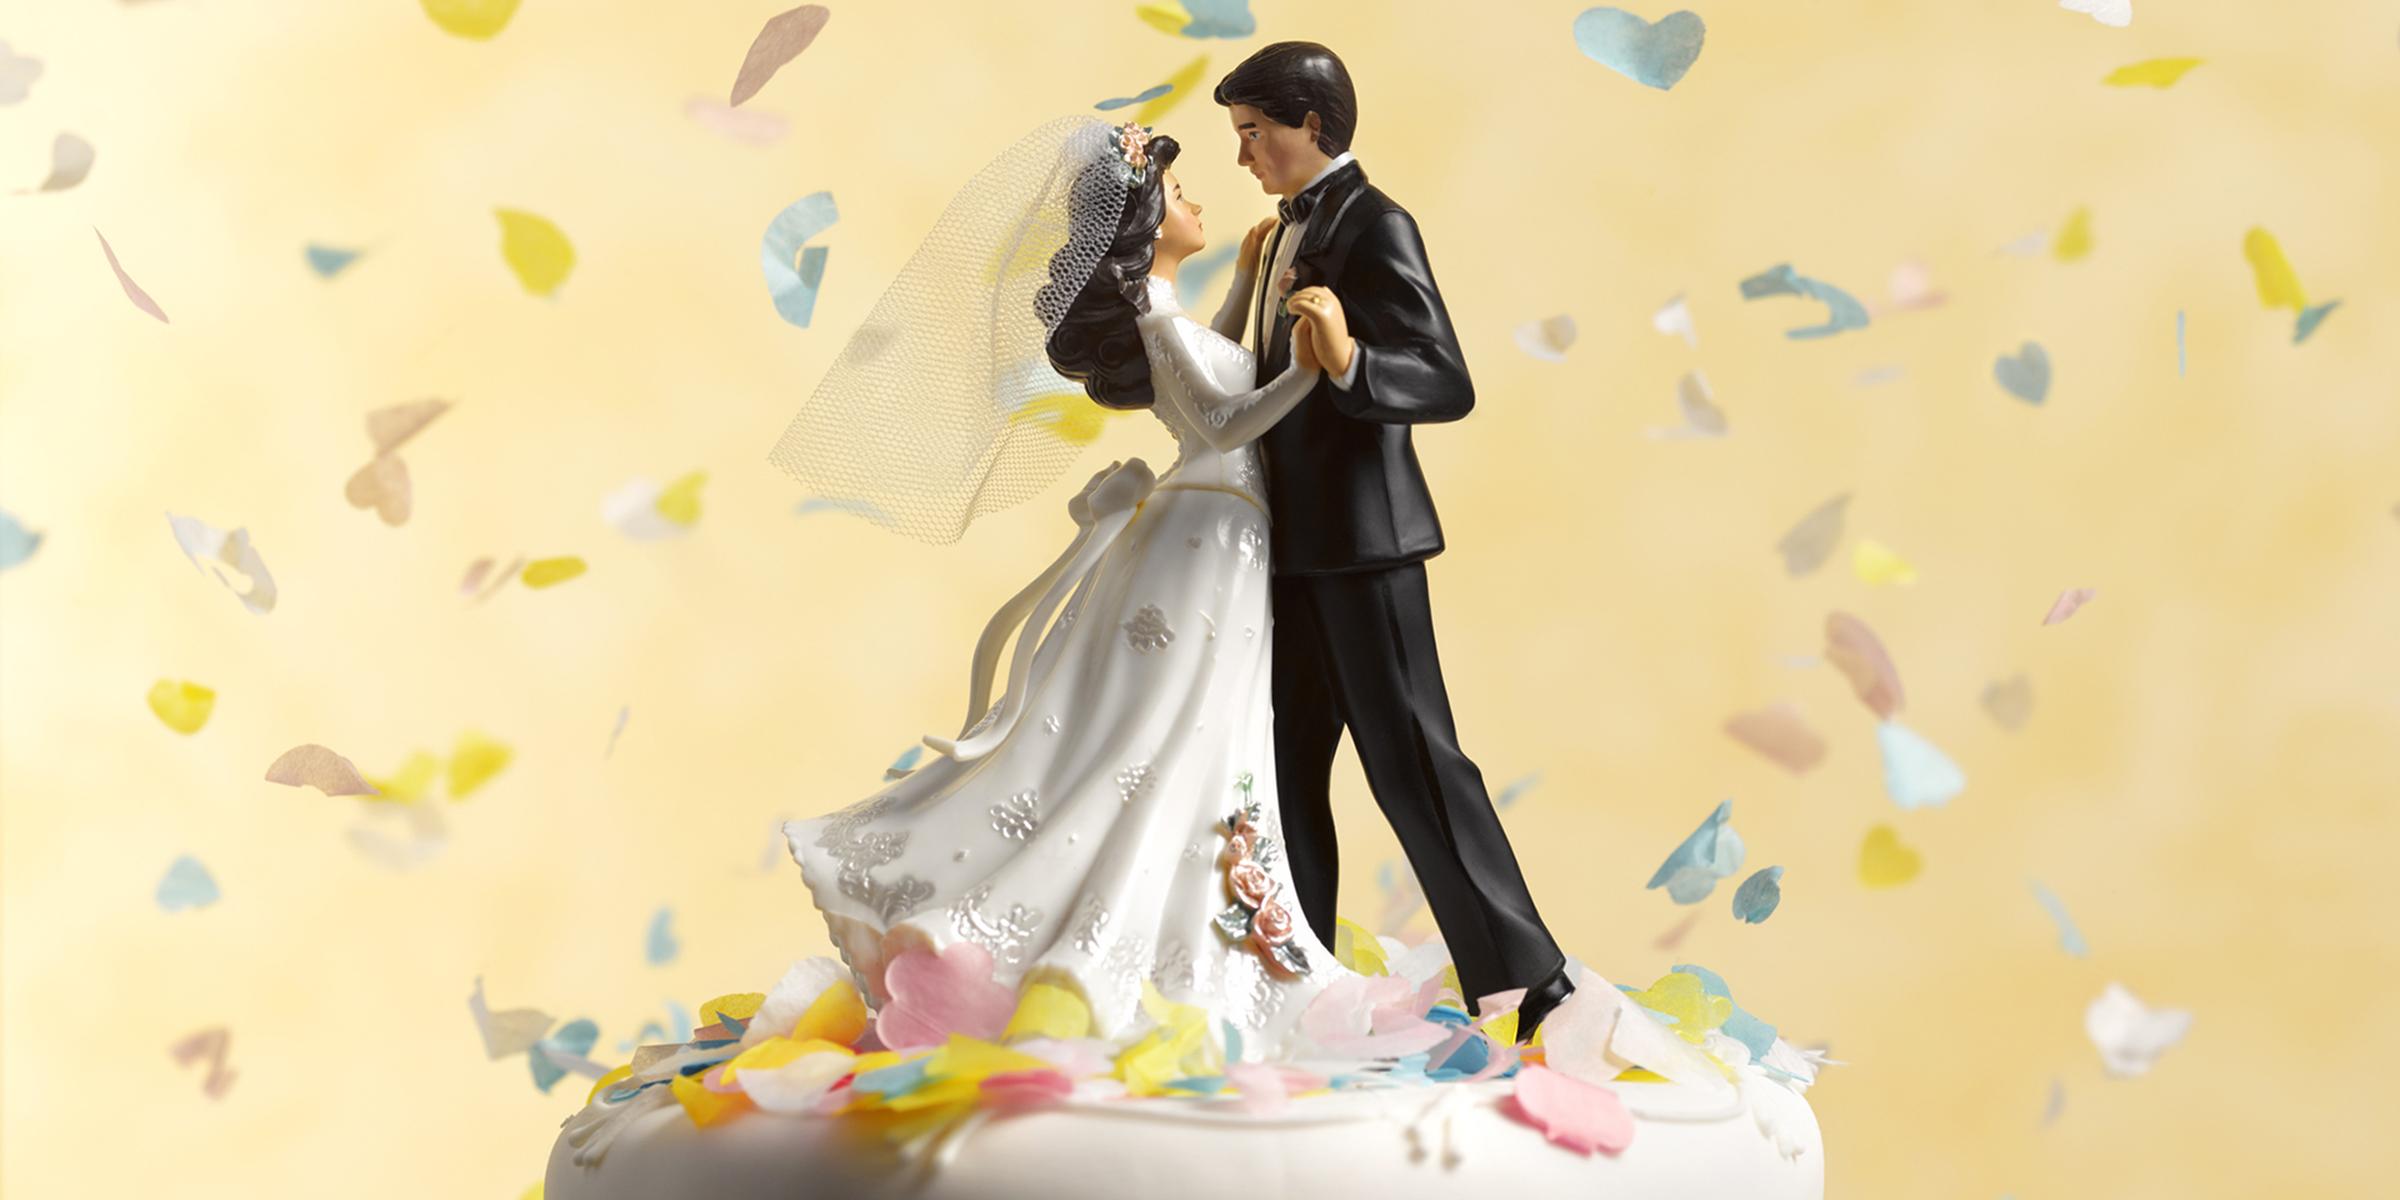 أسس الزواج السعيد